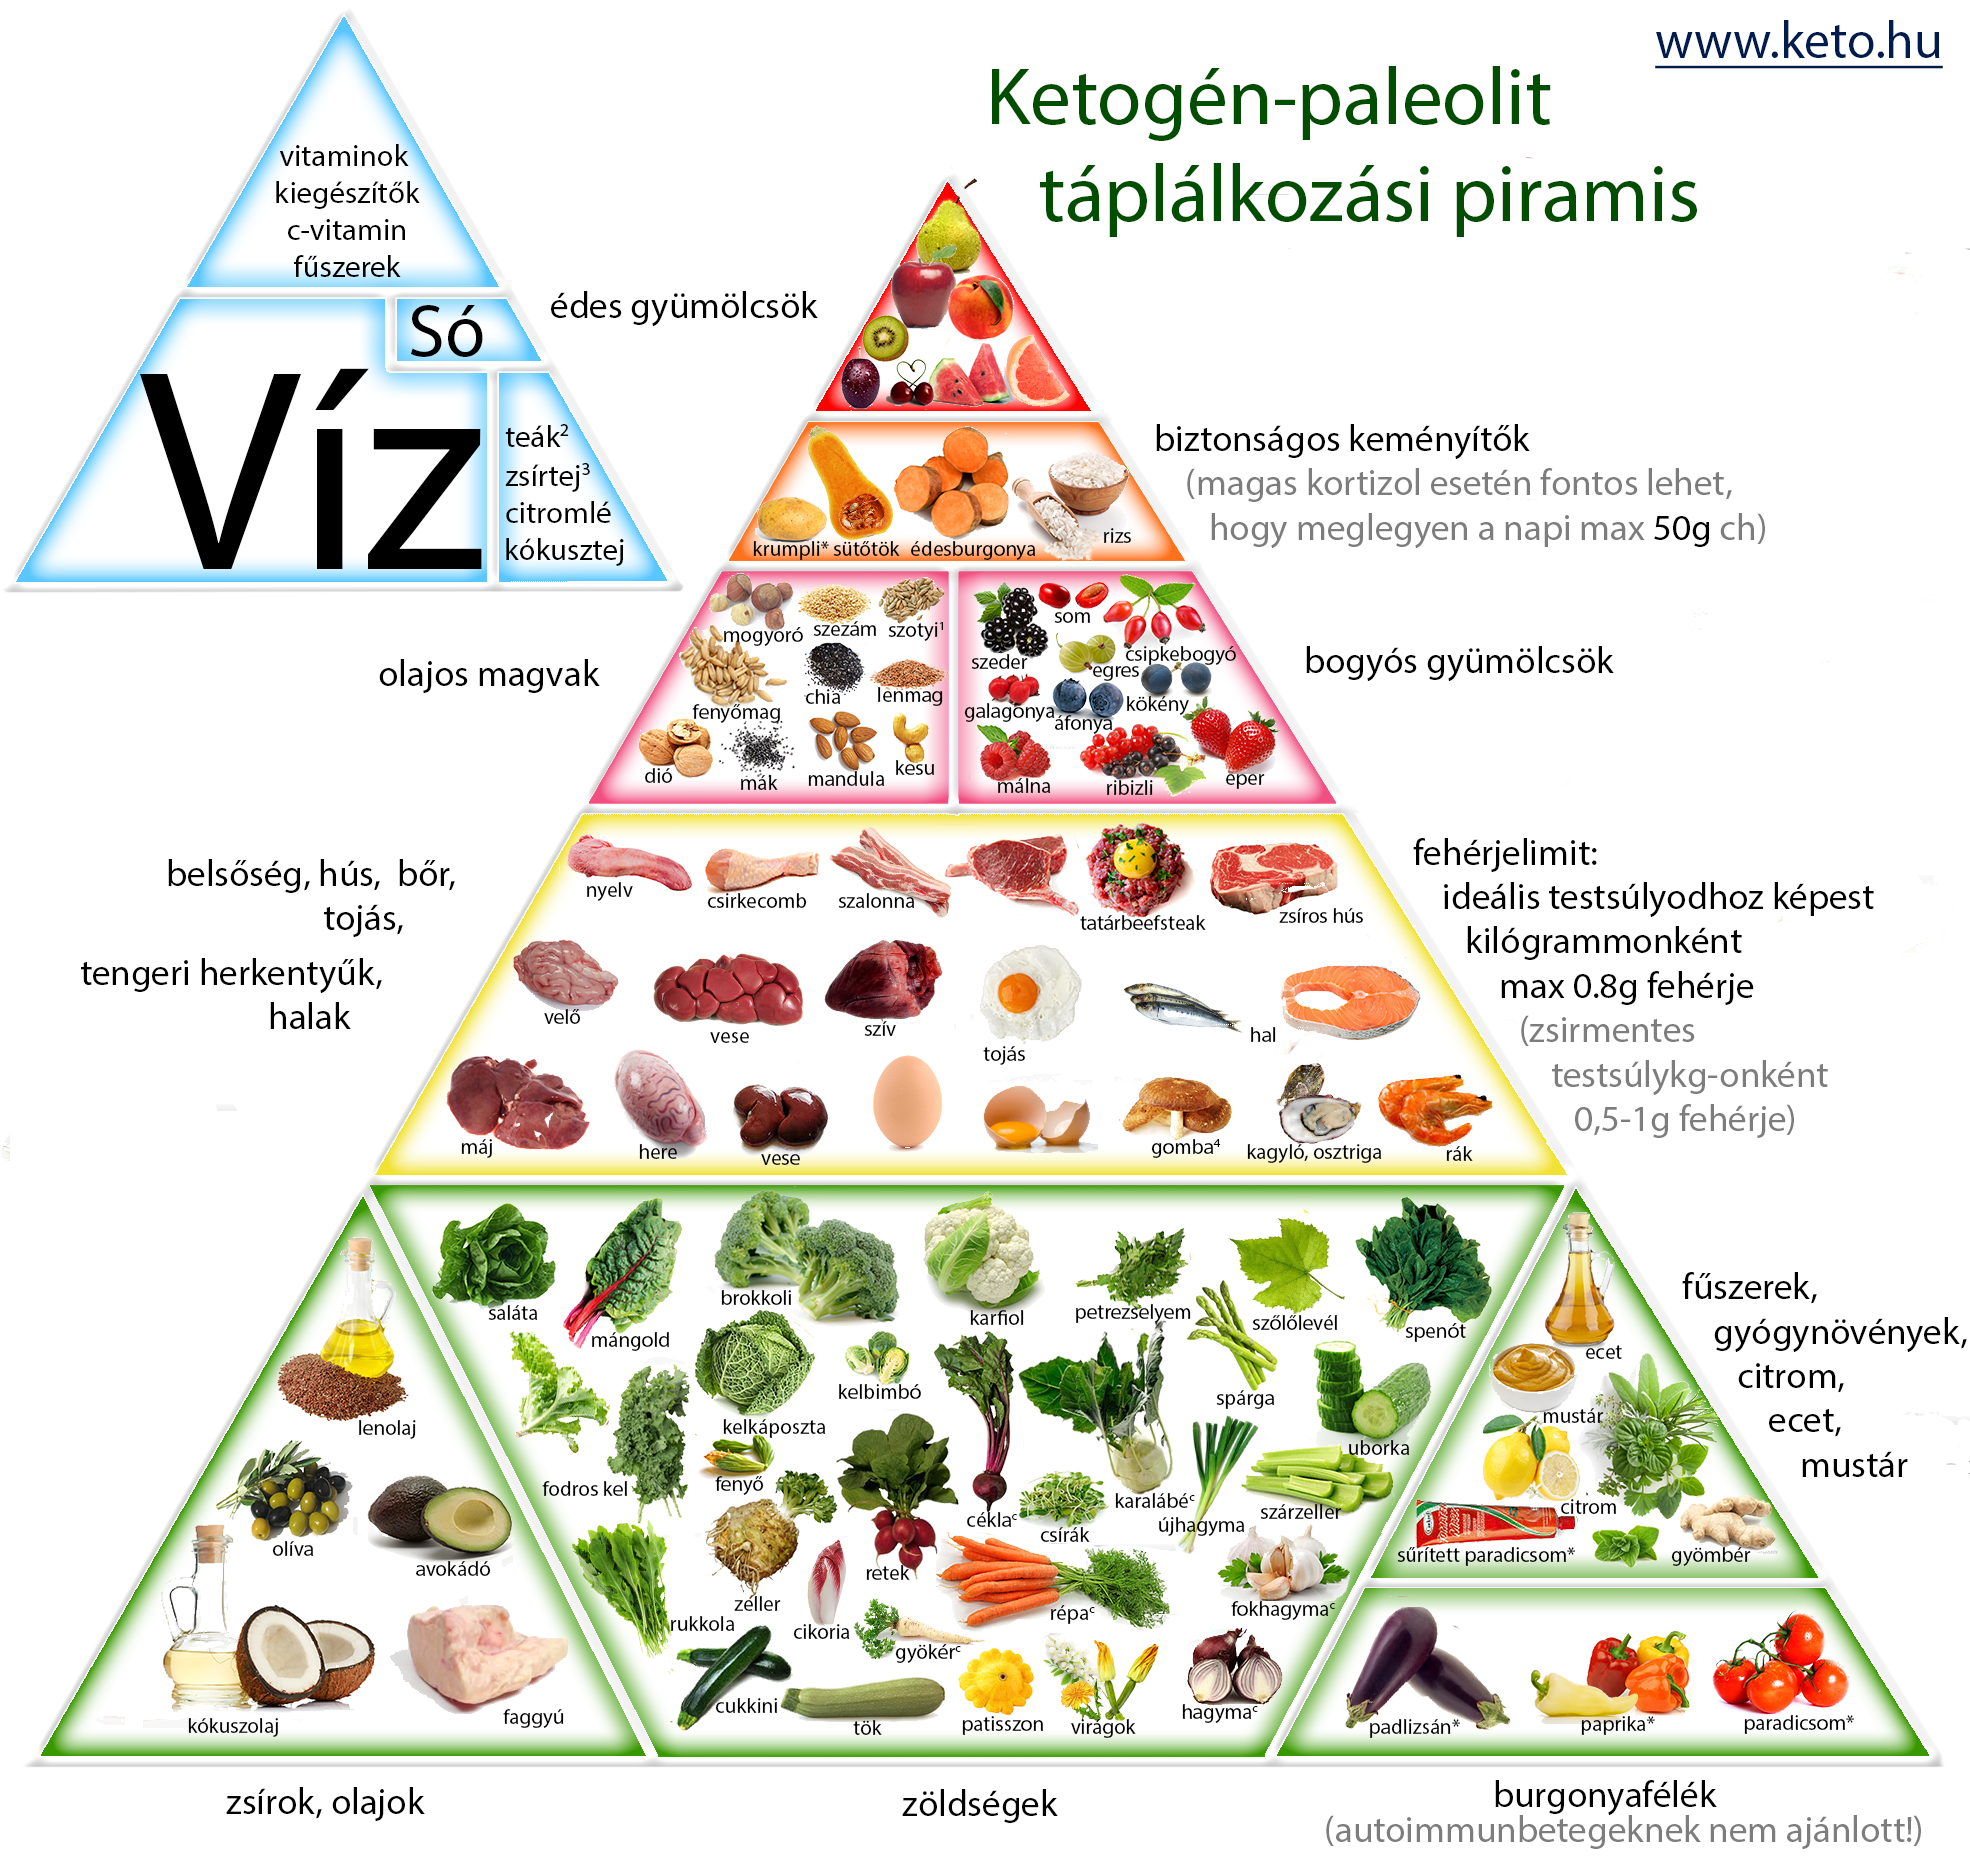 ketogén diéta vélemények